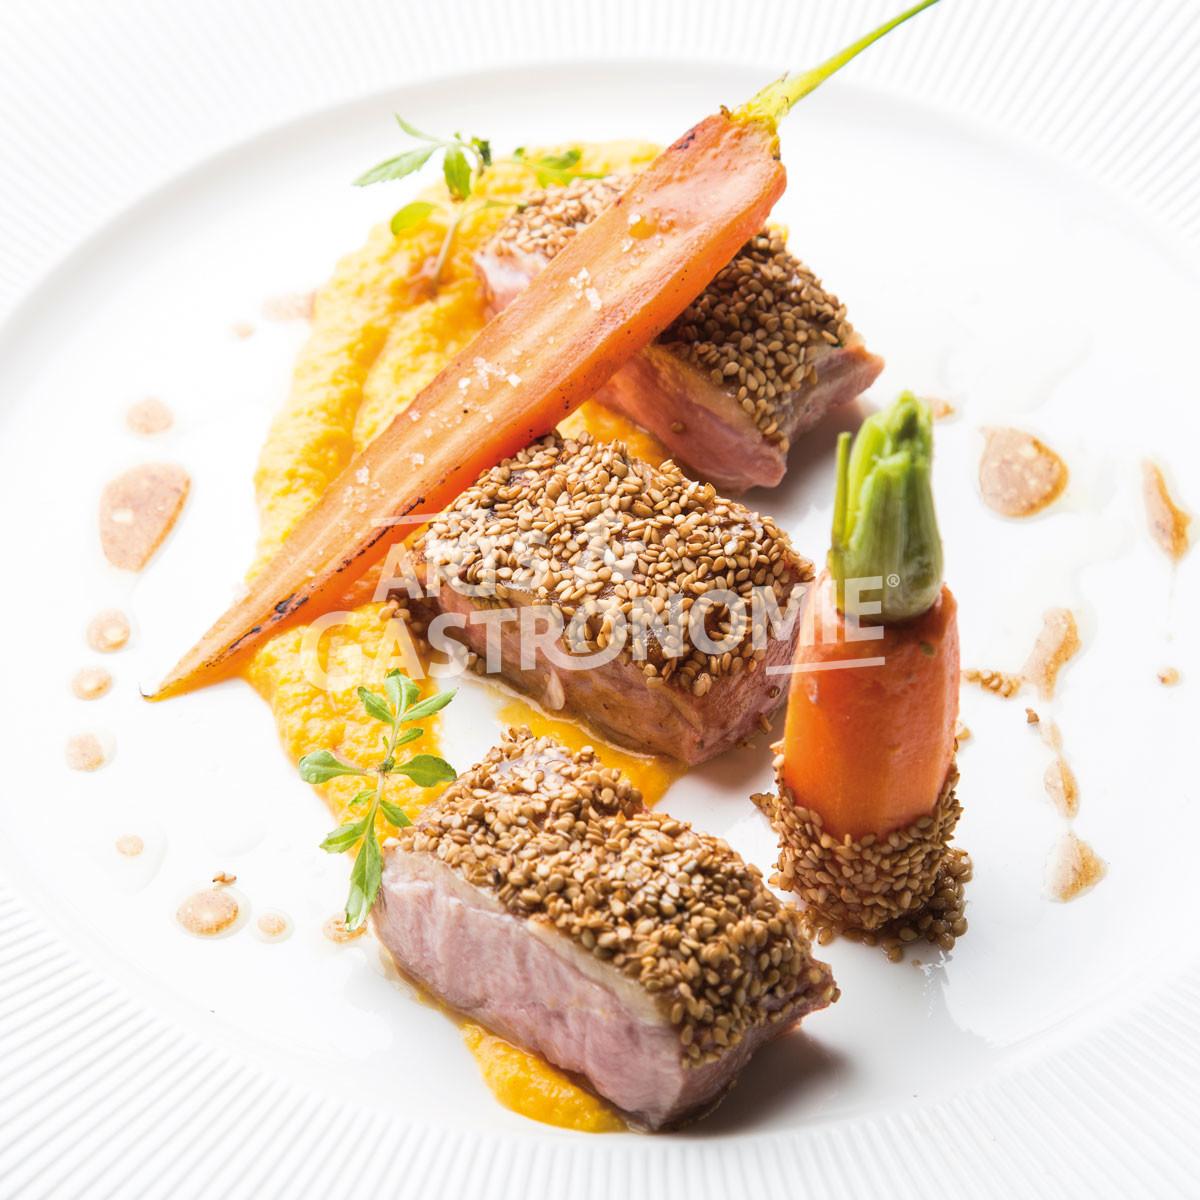 Canette r tie en cro te de s same r duction de porto carottes cr meuses r ties au miel arts - Recette plat gastronomique ...